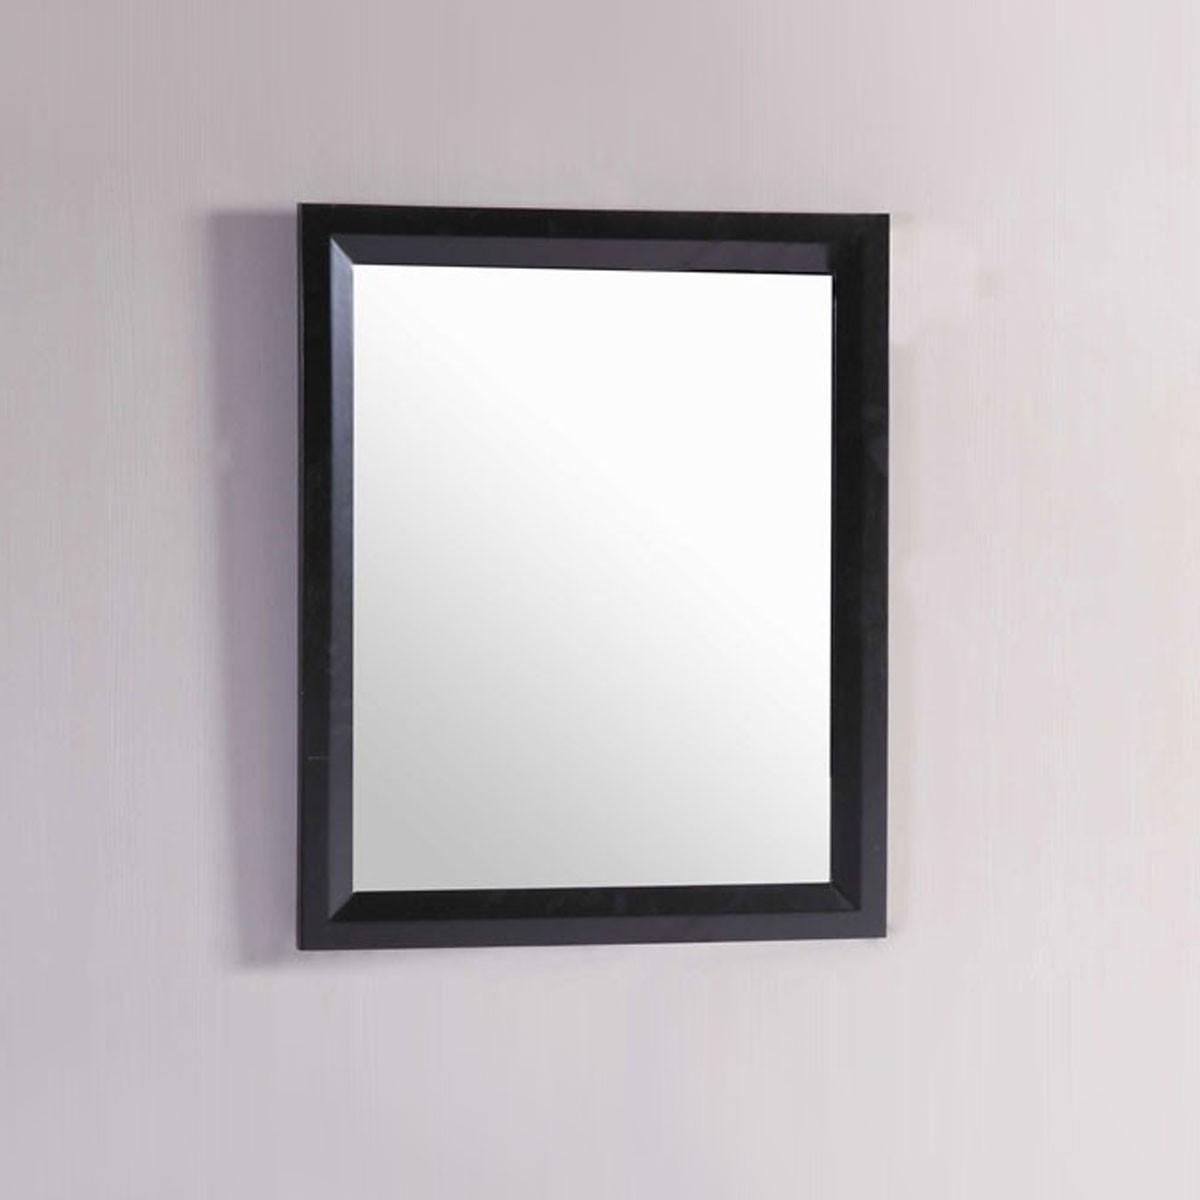 24 x30 po Miroir pour Meuble Salle de Bain (DK-T9150-30E-M)